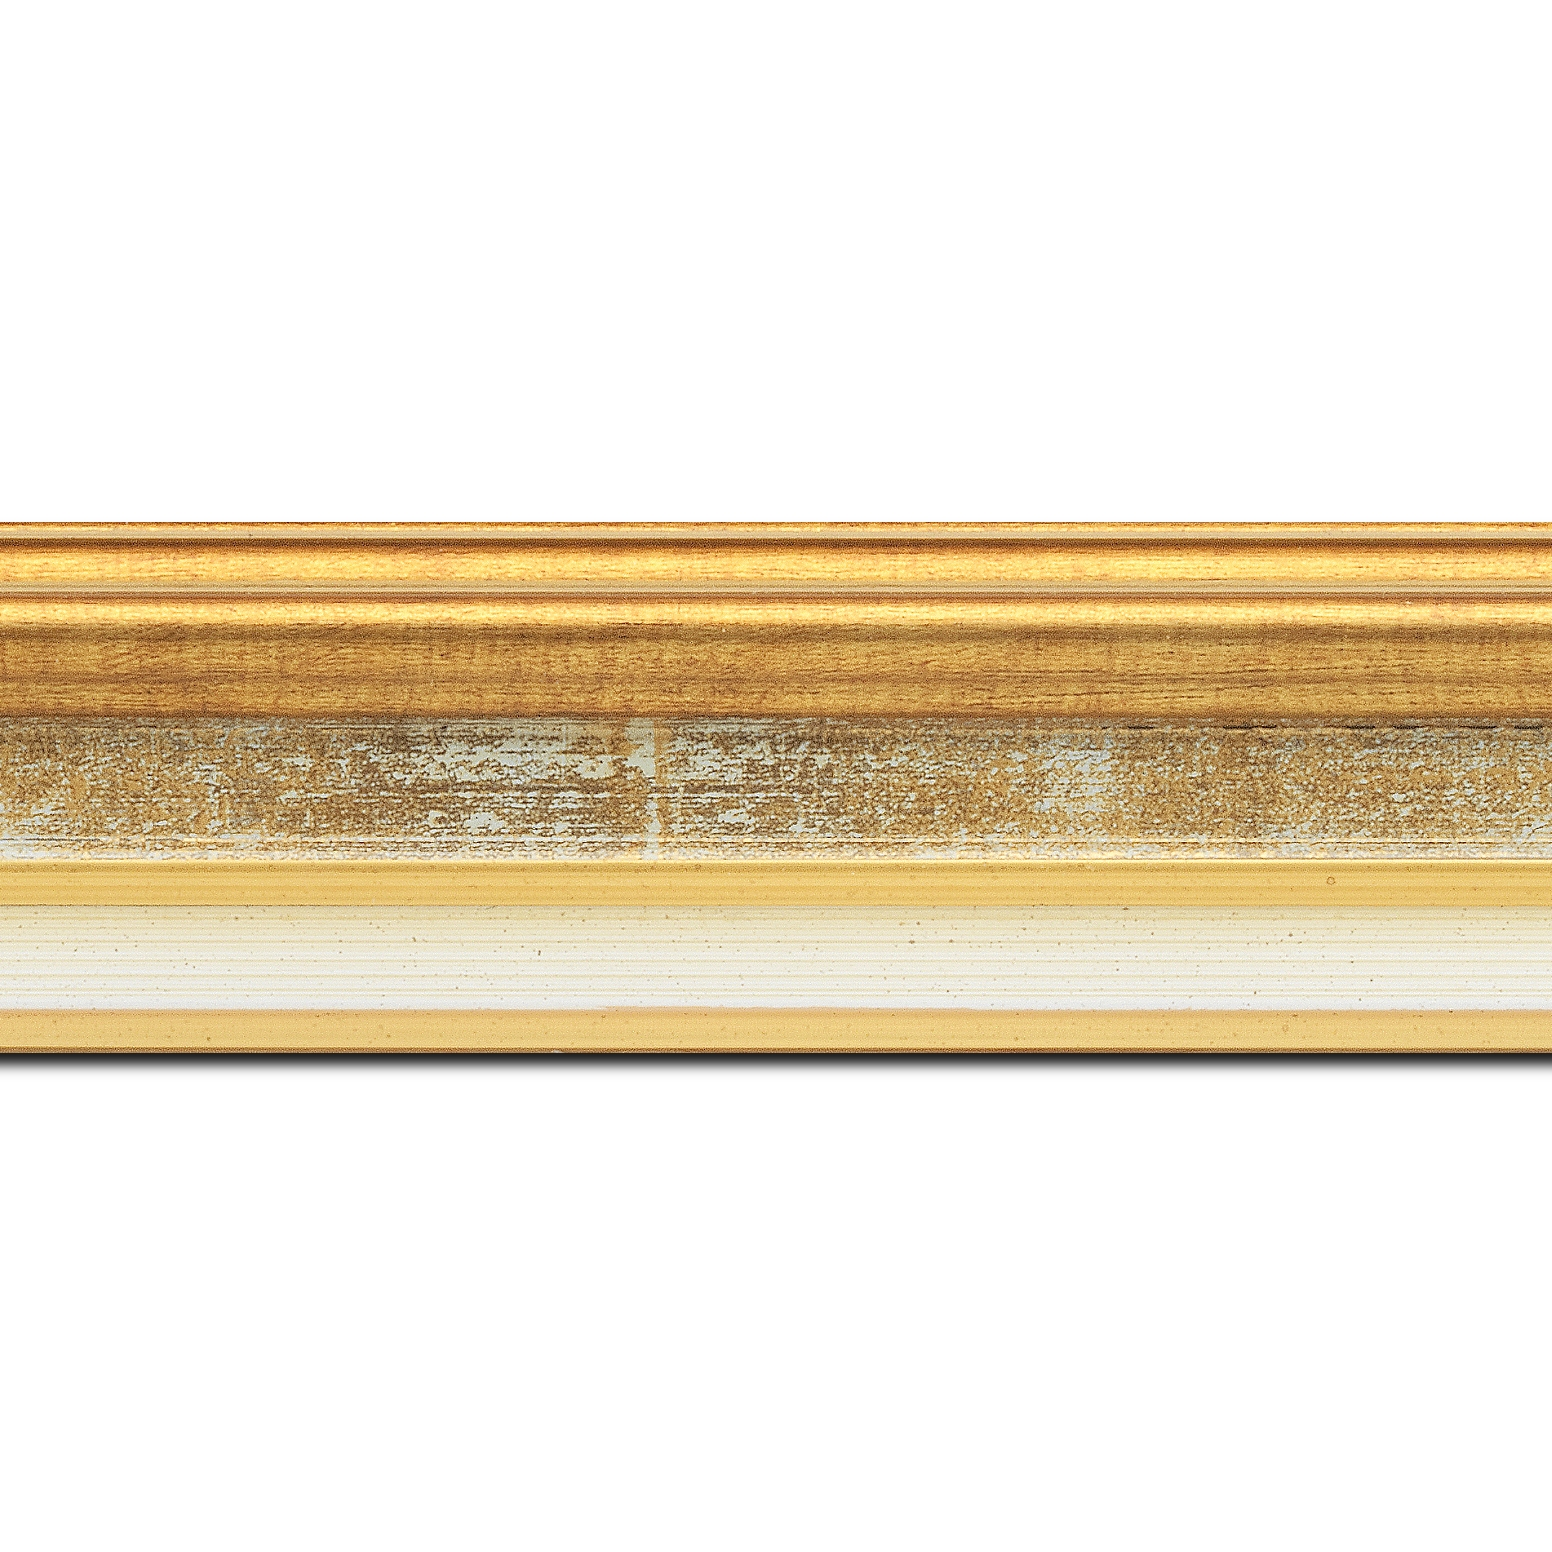 Baguette longueur 1.40m bois largeur 5.2cm or gorge gris fond or  marie louise crème filet or intégrée